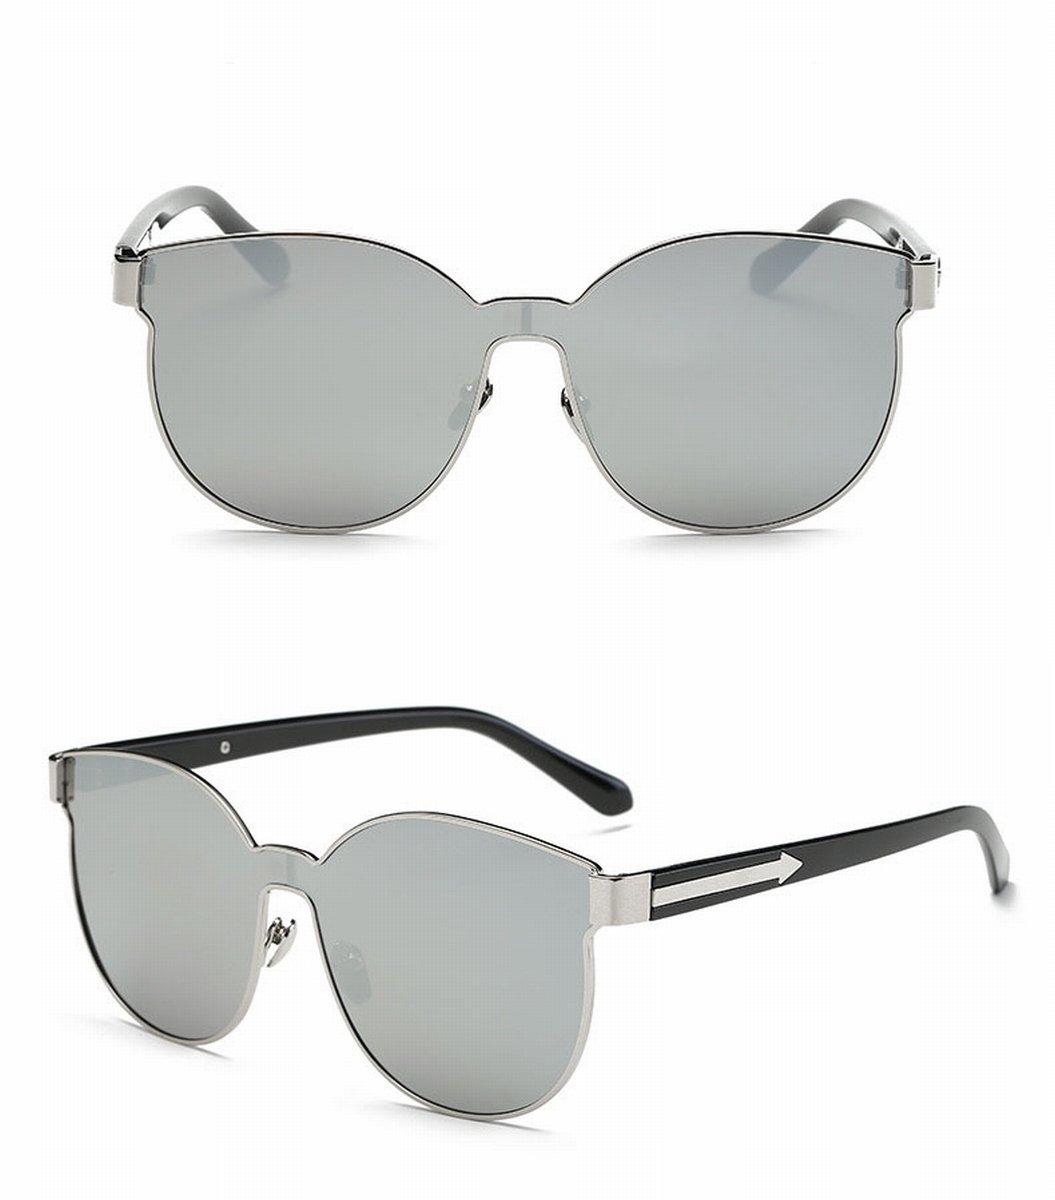 Große rahmen sonnenbrille verbunden Linse individualität Pfeil sonnenbrille mode damen sonnenbrille schwarzer rahmen graues Objektiv PRazBy59ED